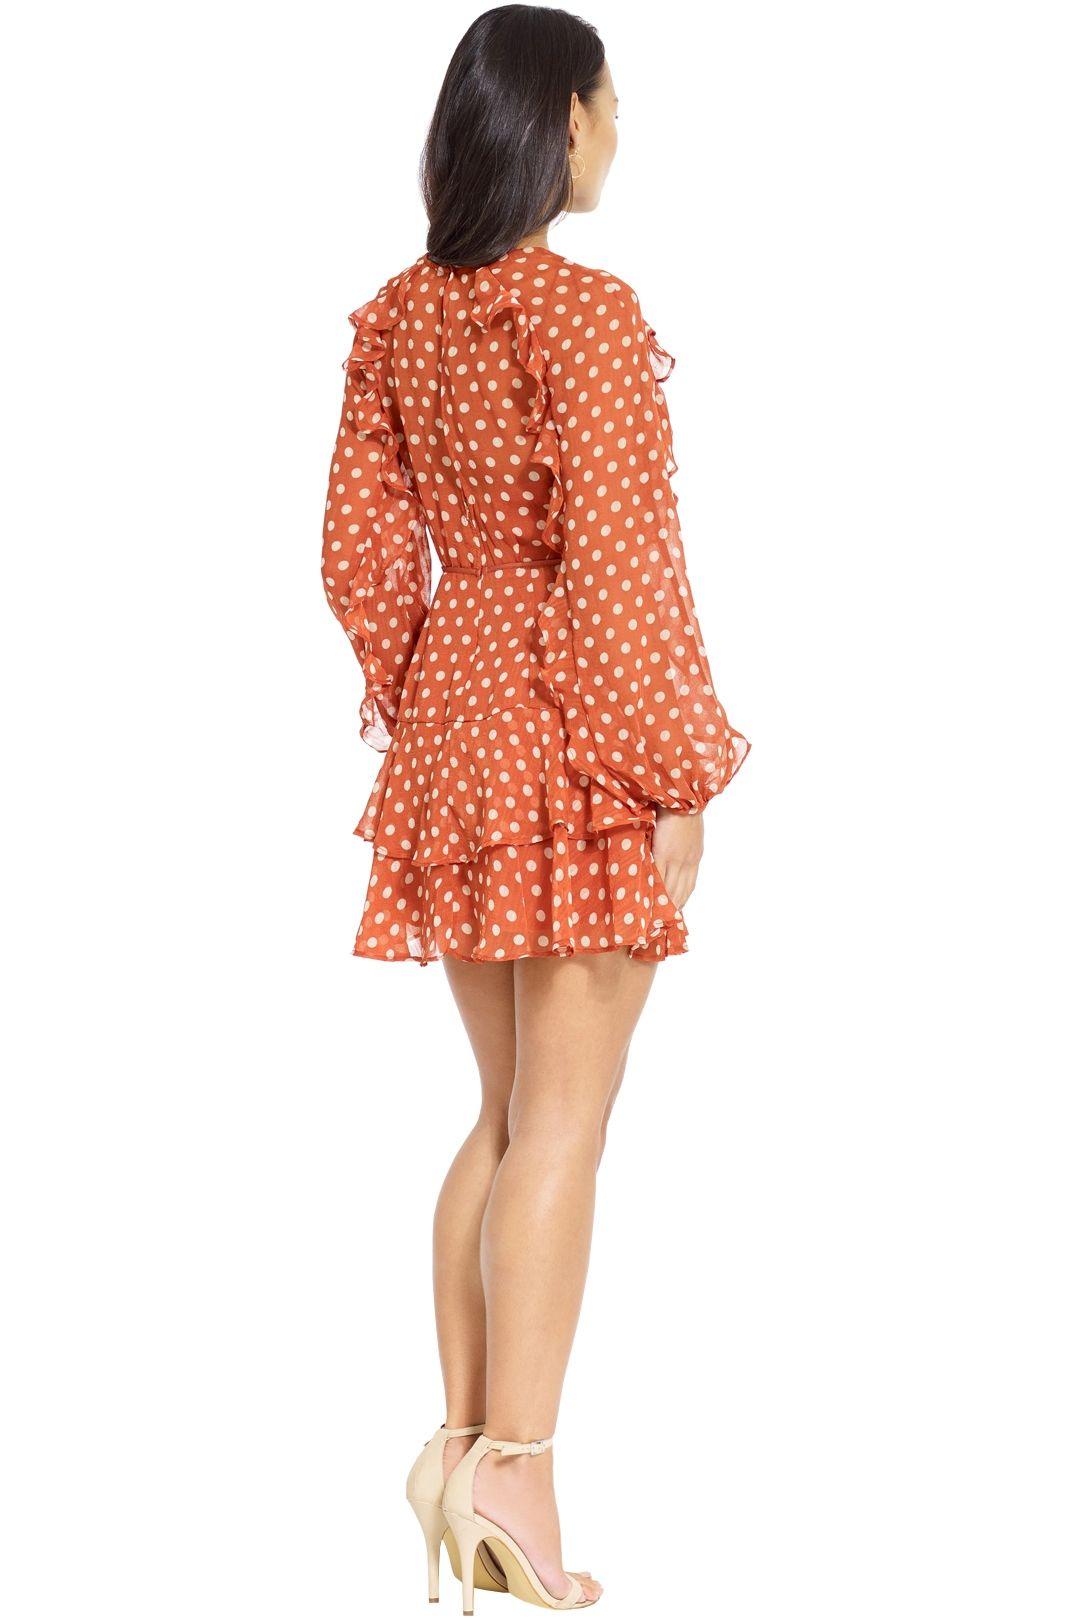 Talulah - Love Token Mini Dress - Salmon - Back